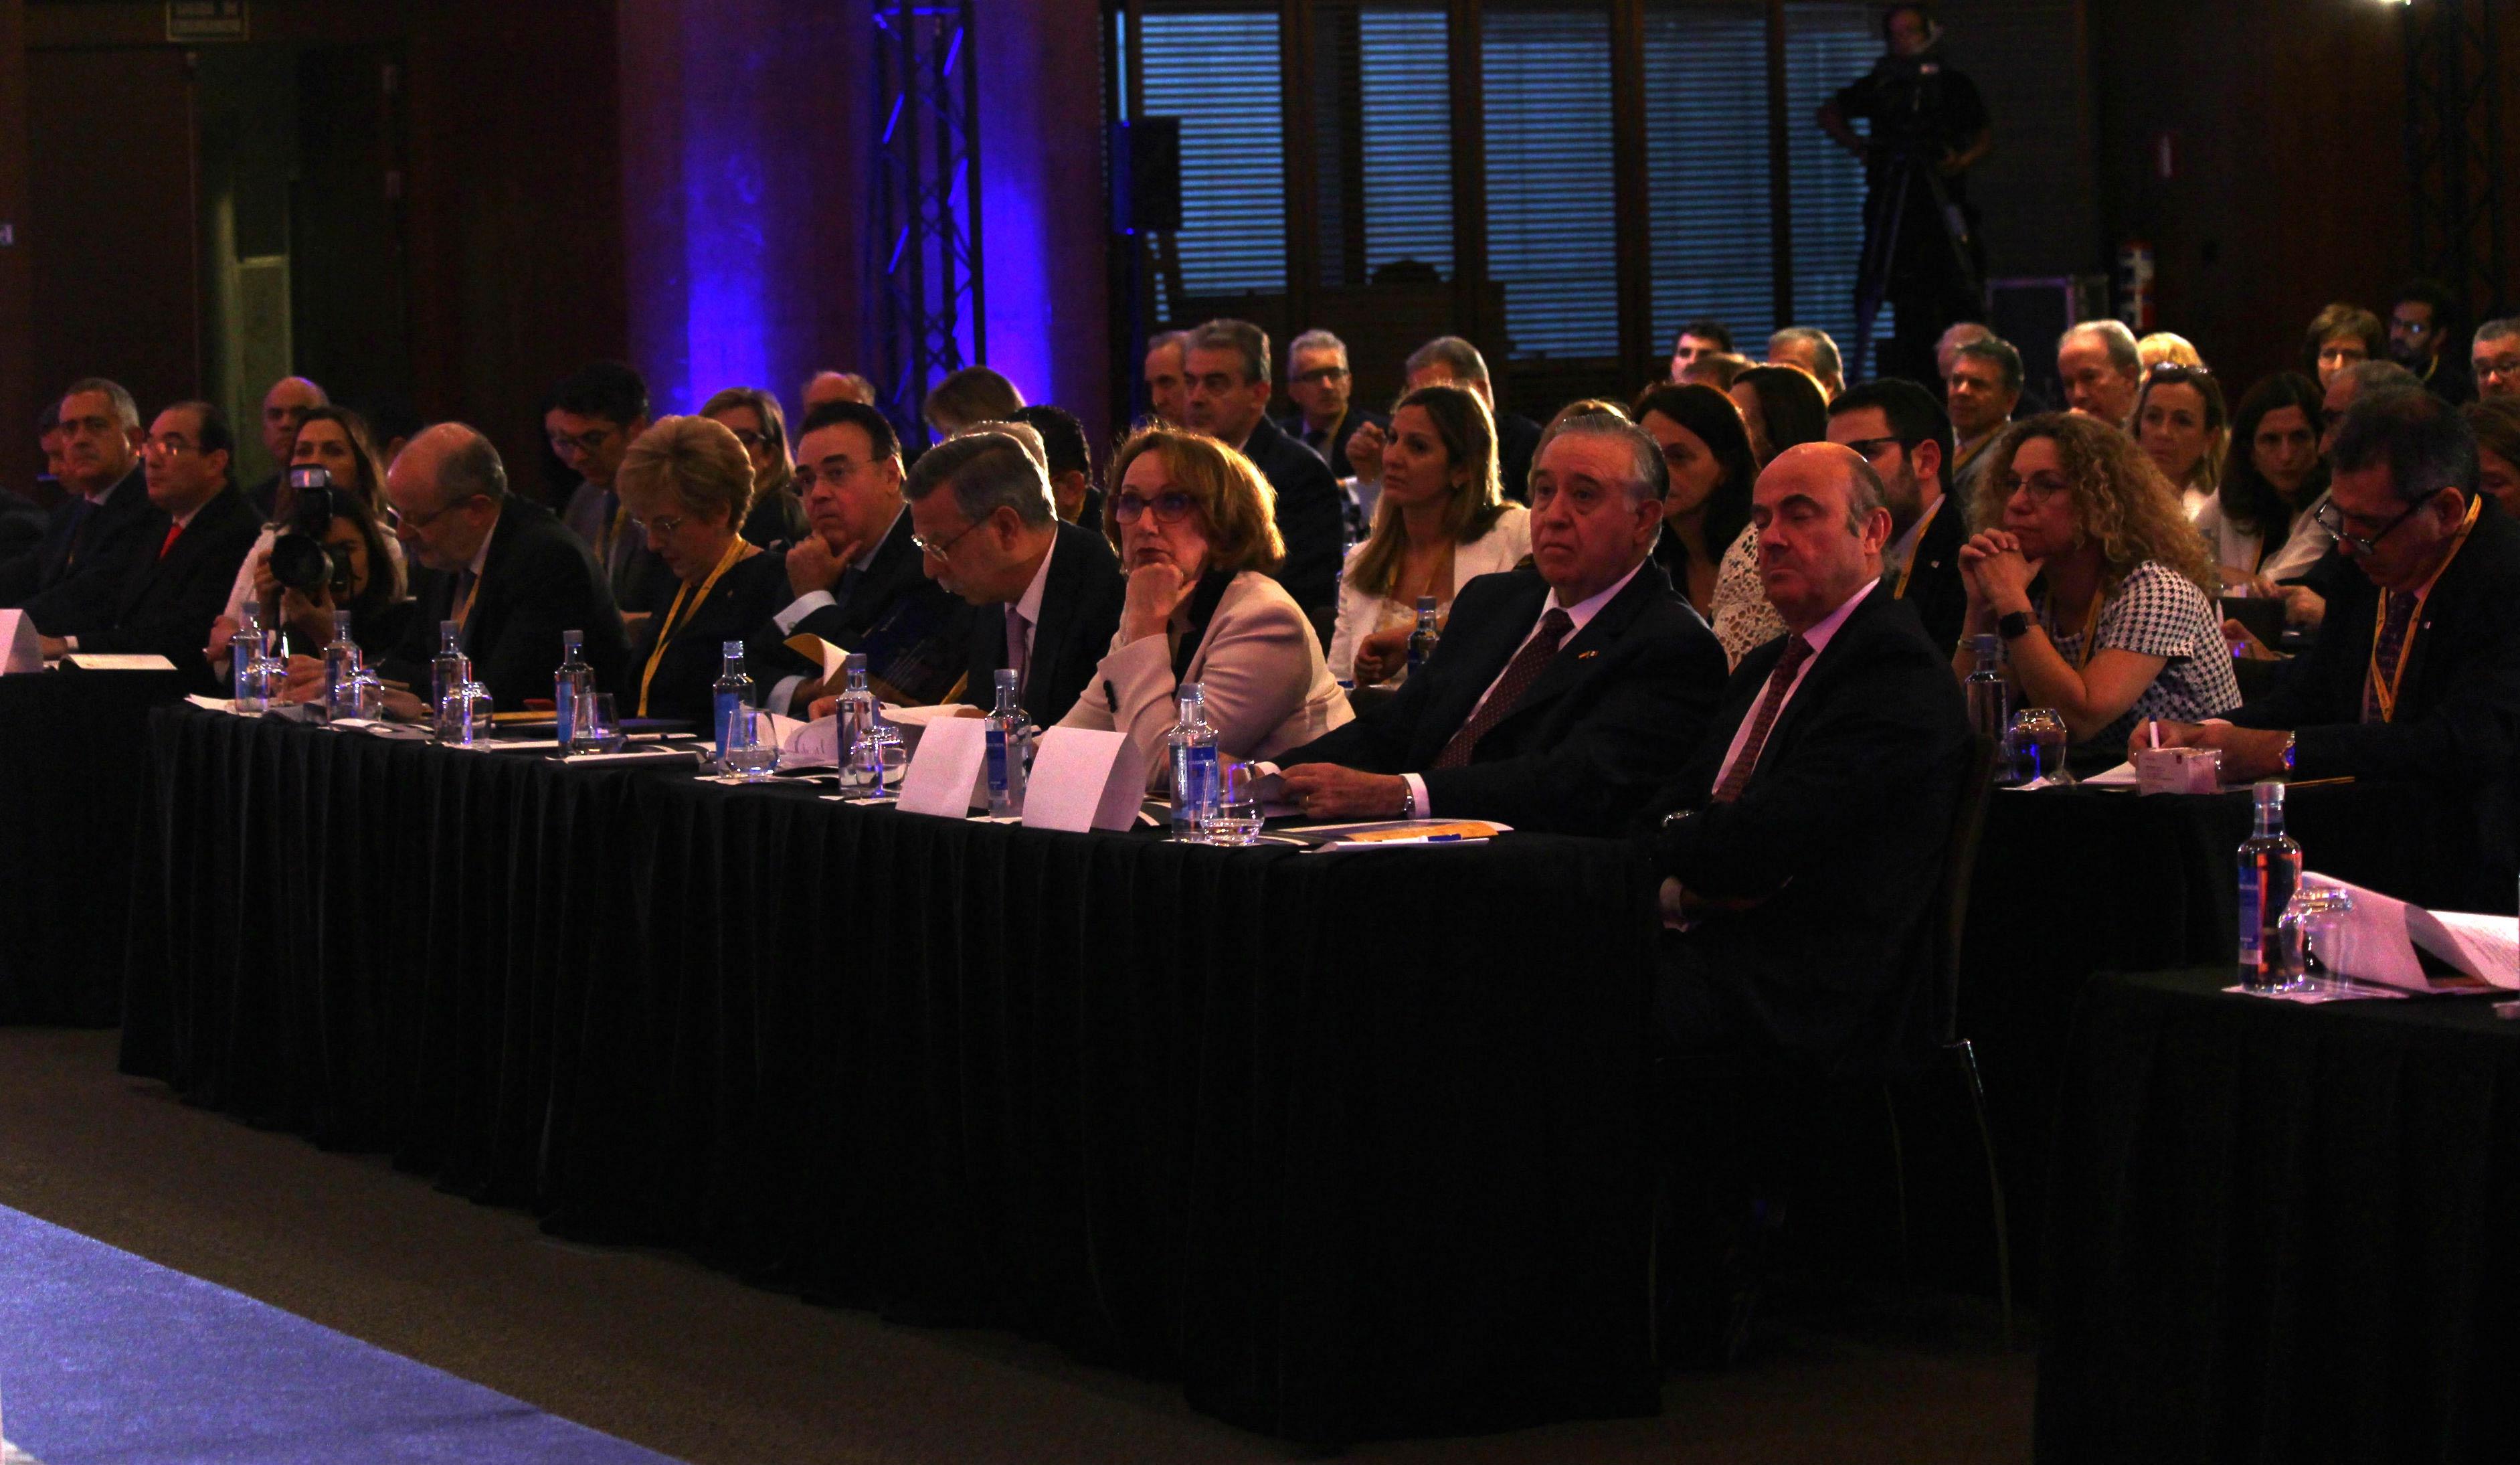 Autoridades durante la inauguración del 'I Congreso Iberoamericano para Presidentes de Compañías y Familias Empresarias'.